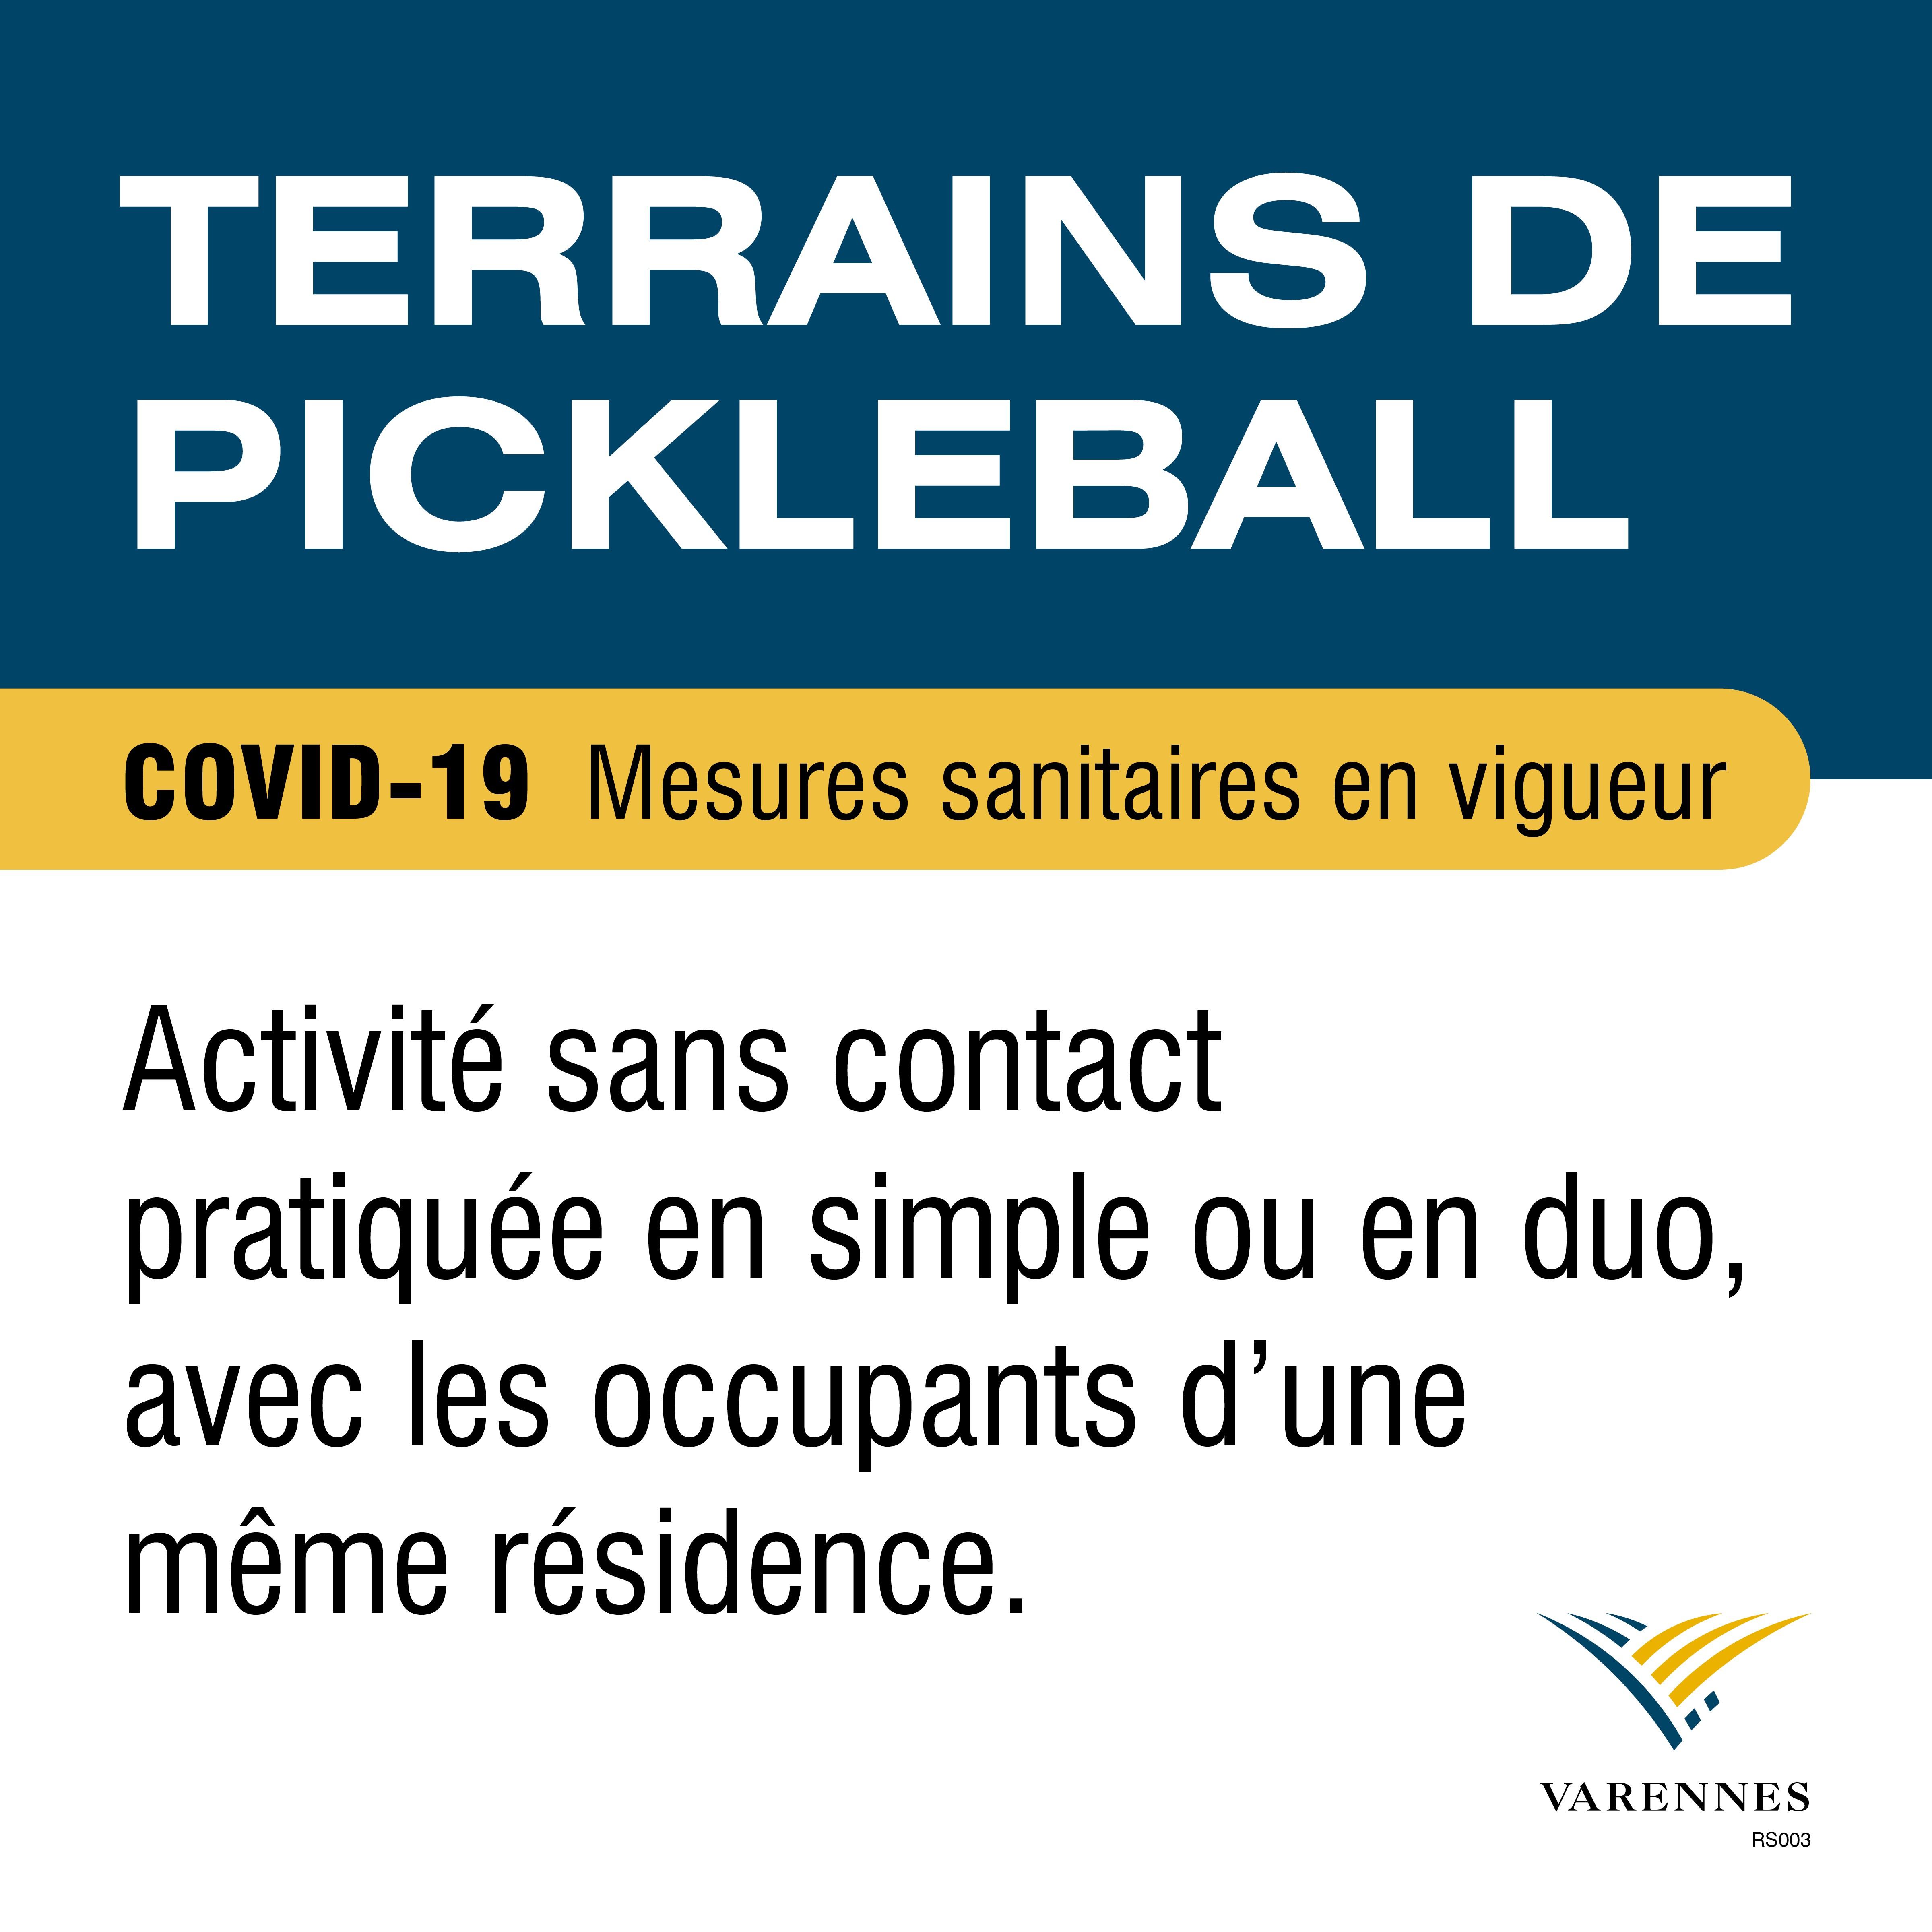 2021-04-21_-_Terrains_pickleball.jpg (985 KB)